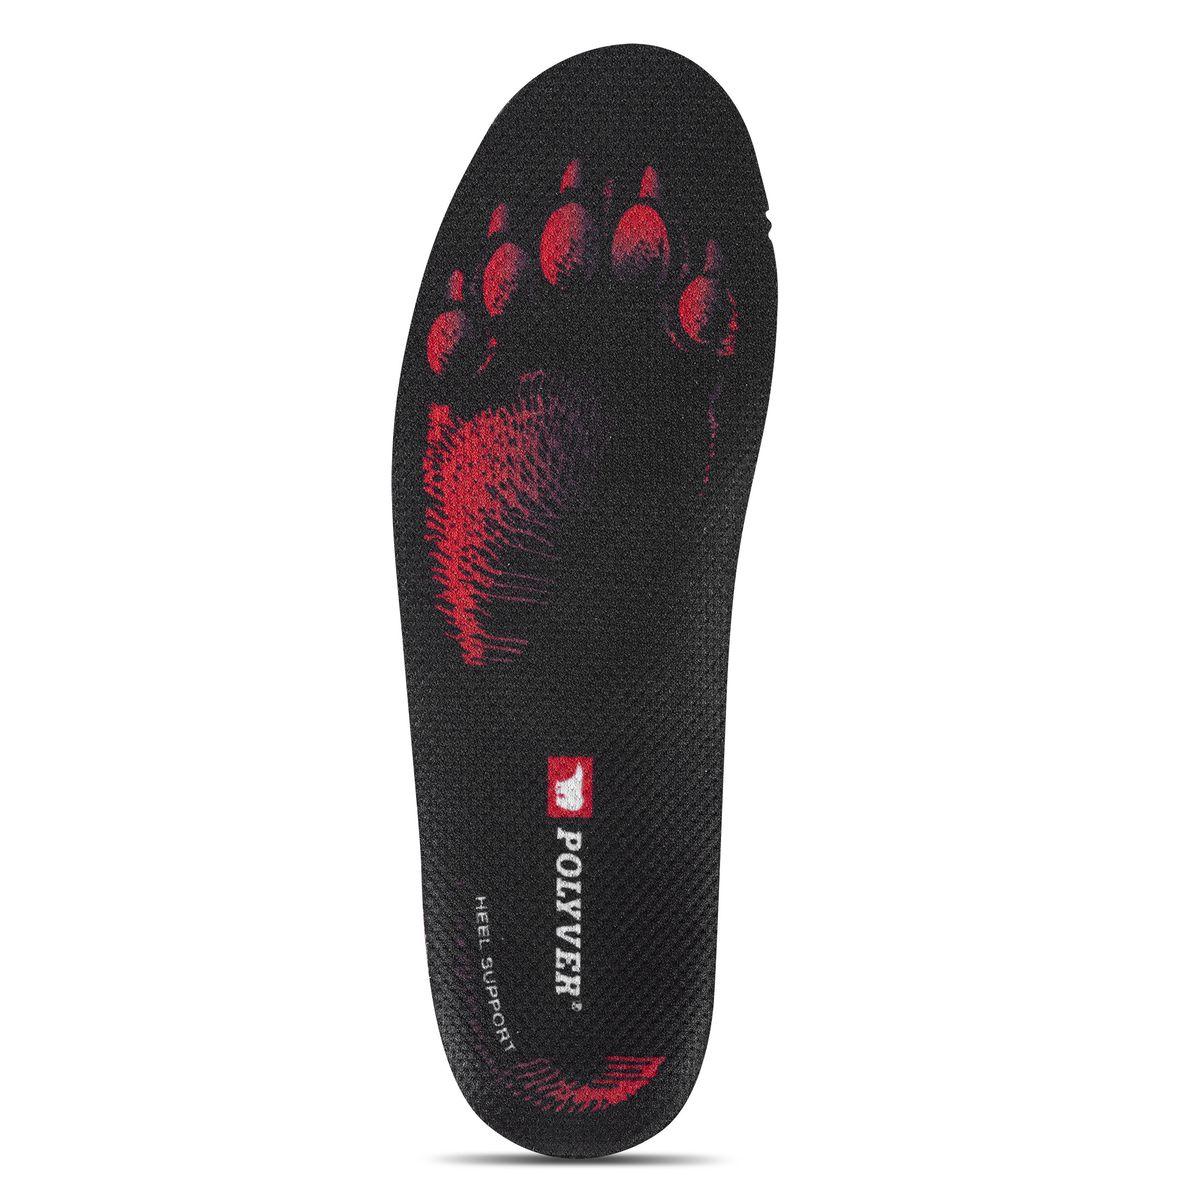 Стельки мужские POLYVER PREMIUM, цвет: красно-черный. Размер: 46-48AM-INSO-4Термоизоляционные стельки Polyver отлично защищают ноги от холода при этом отводя лишнюю влагу. Стельки состоят из трех слоев: впитывающий влагу, амортизационный, термоизоляционный. Комфорт:- анатомическая форма с поддержкой пятки- стабилизация стопы для уменьшения боли с суставах- повышает устойчивость и уменьшает усталость - производятся только в Швеции